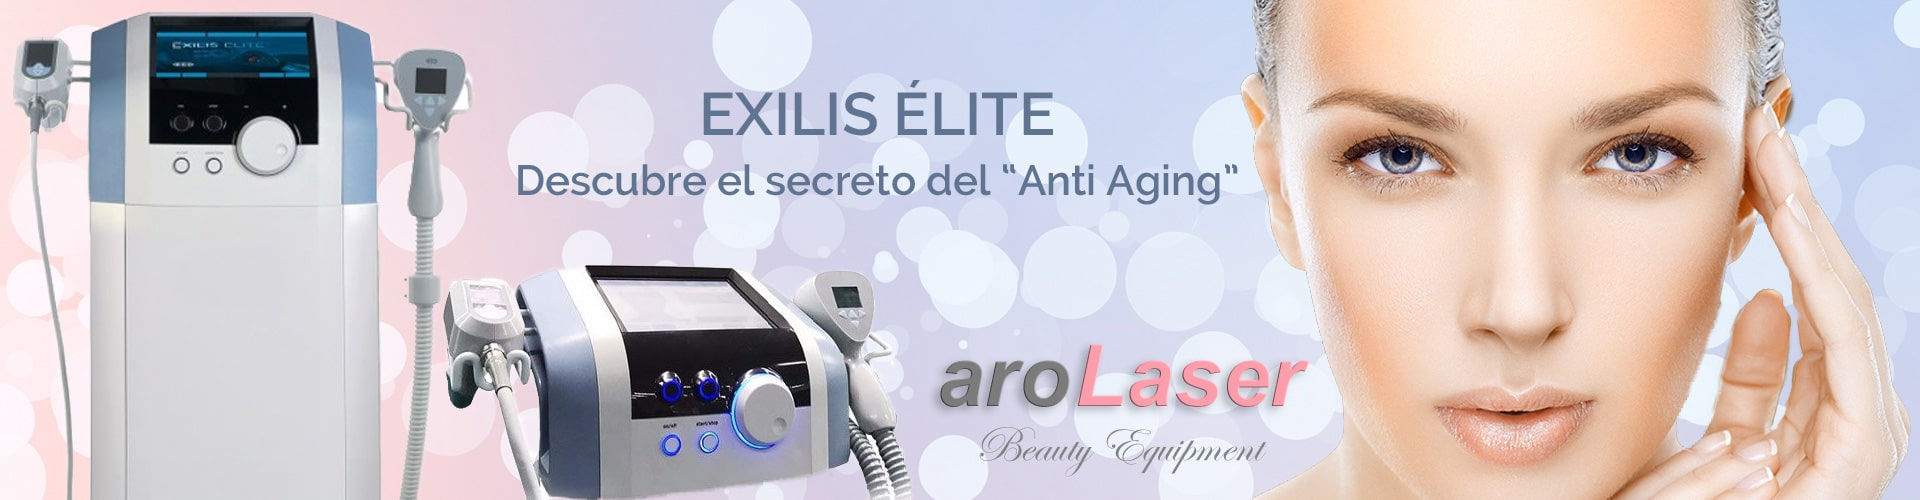 Aparatos-de-Estetica-Radiofrecuencia-Exilis-Elite-Arolaser